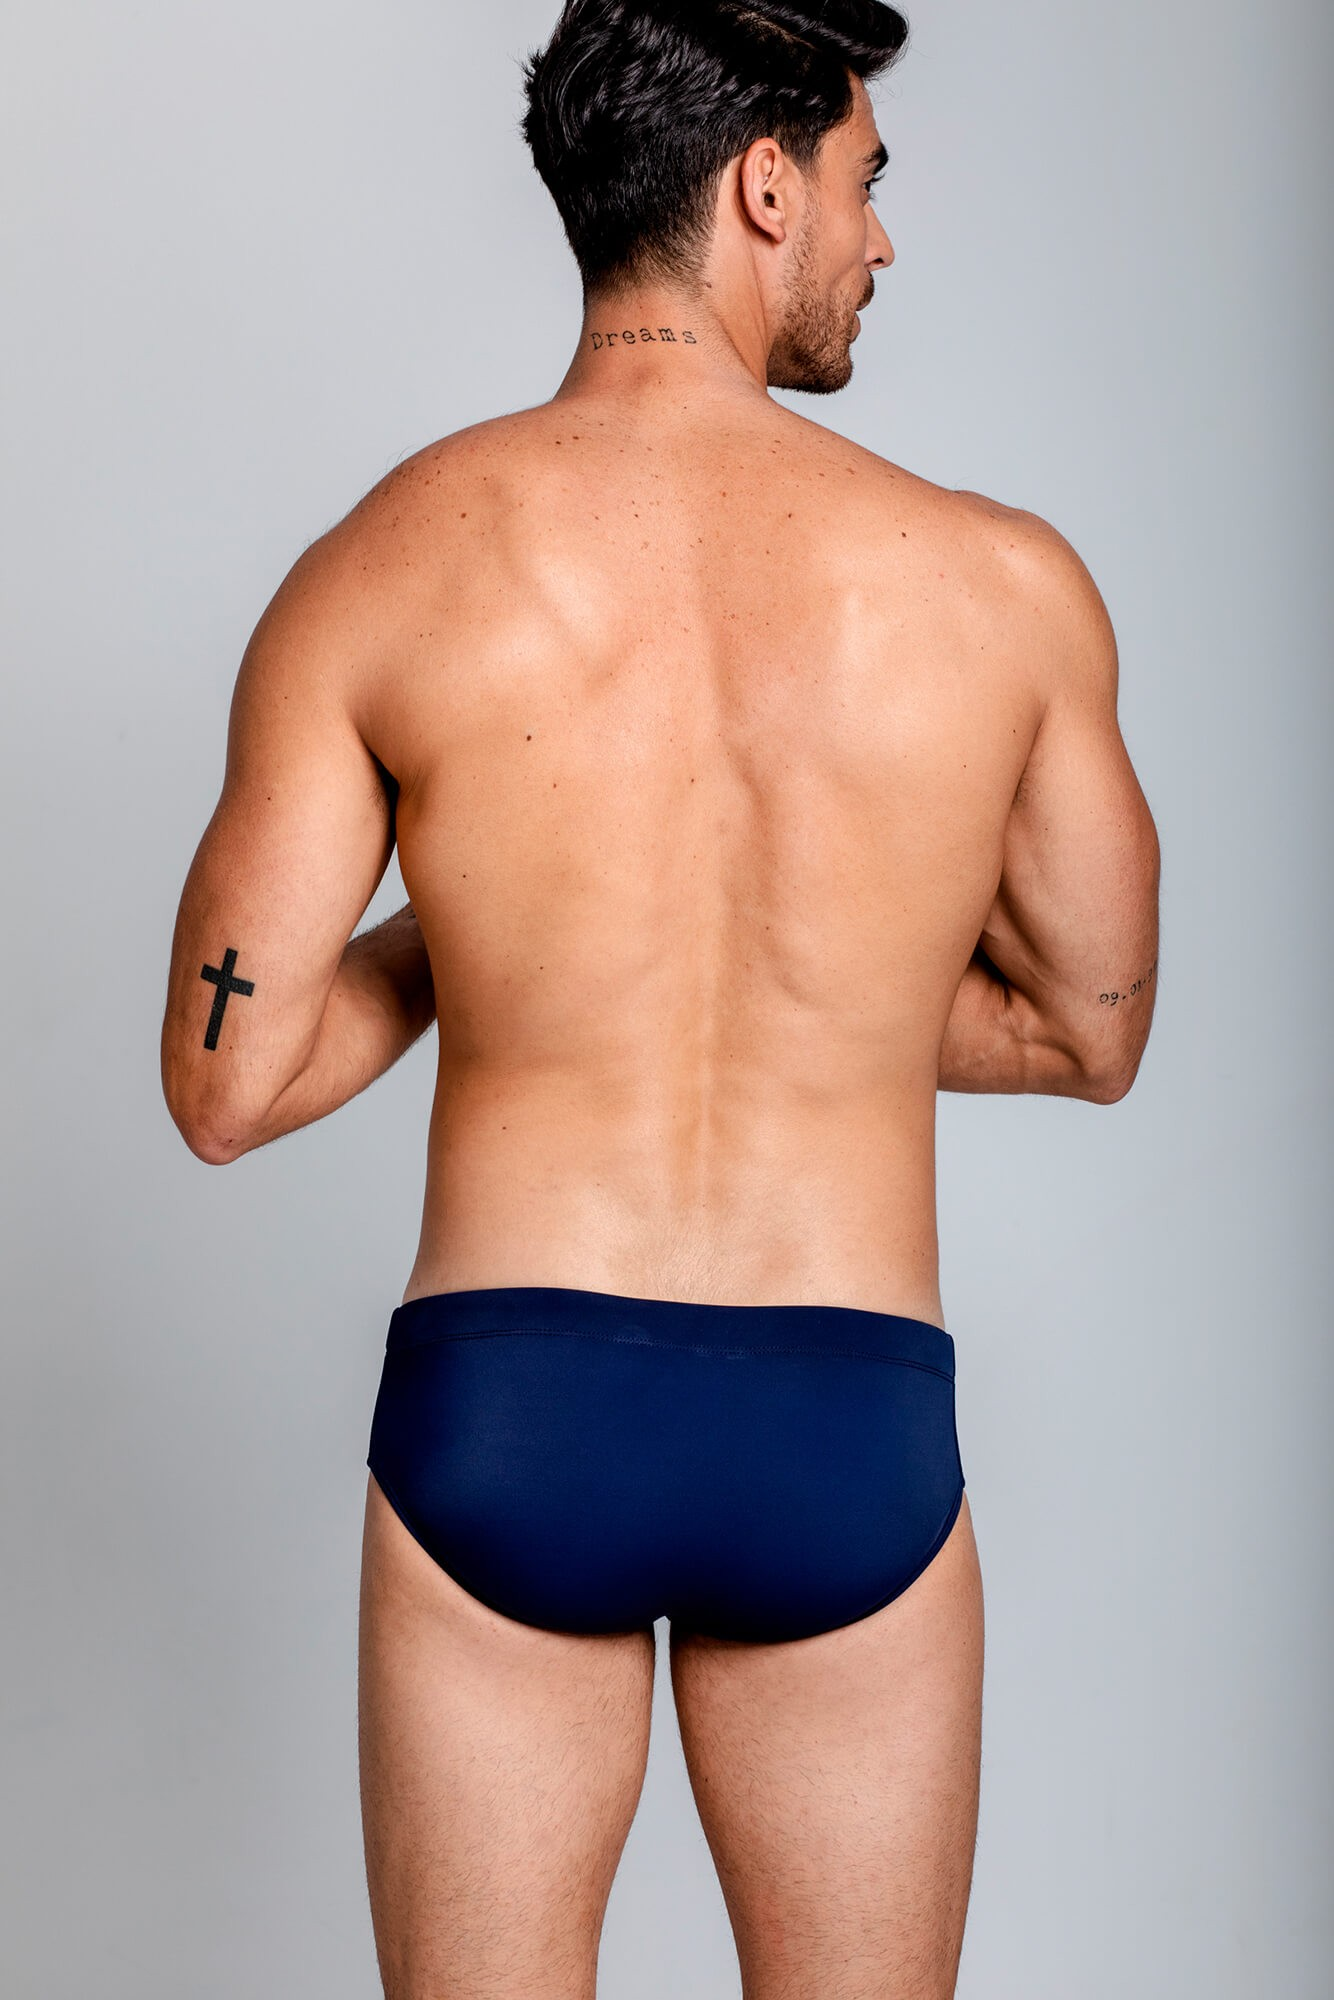 Bañador para hombre Classic Fitness Swim Brief, modelaje y fitness. Estilo urbano marca ELIU streetwear.